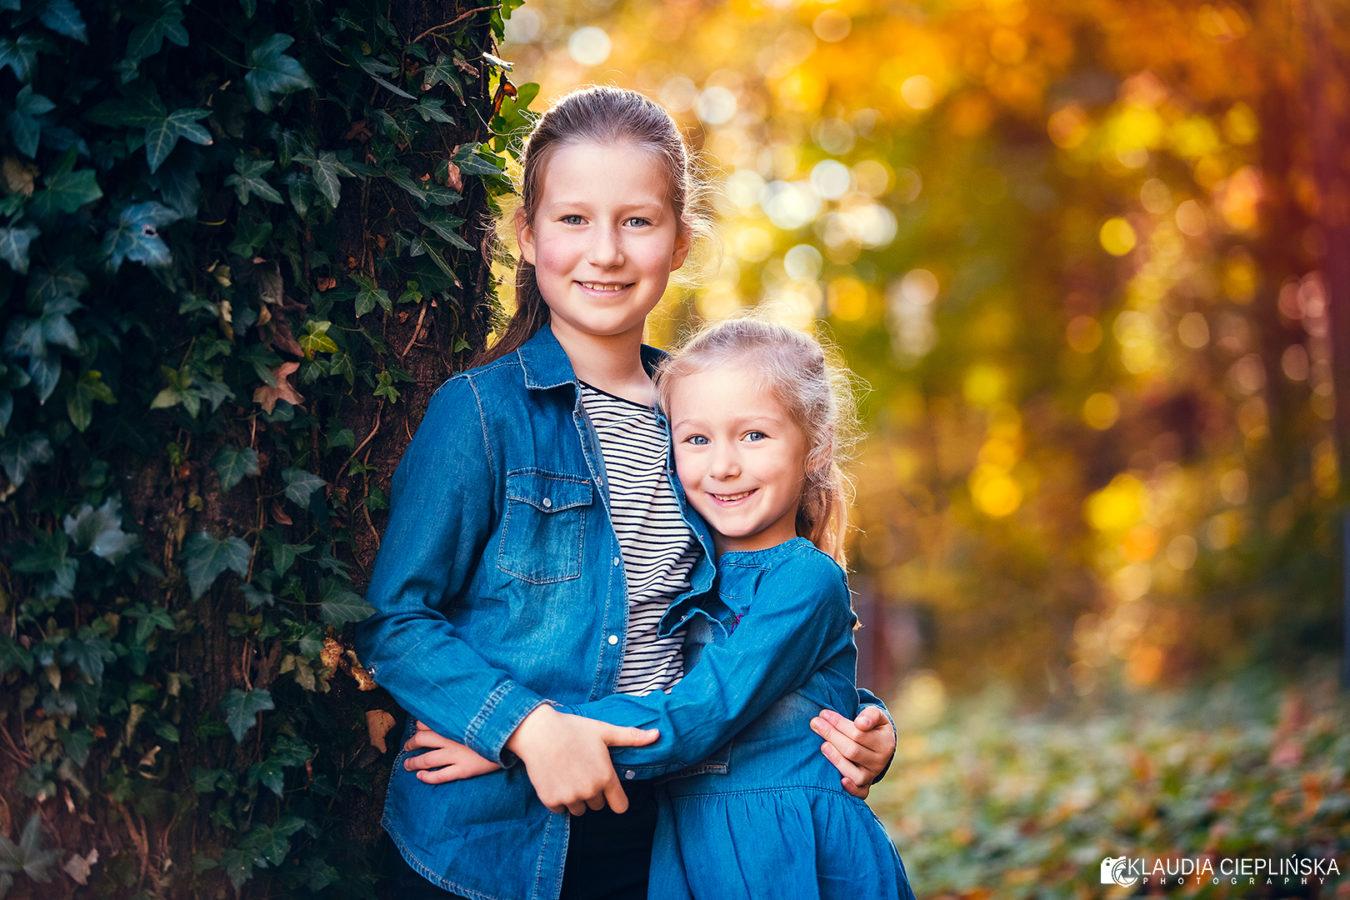 fotografia rodzinna Jelenia Góra, sesja wielopokoleniowa w Kamiennej Górze